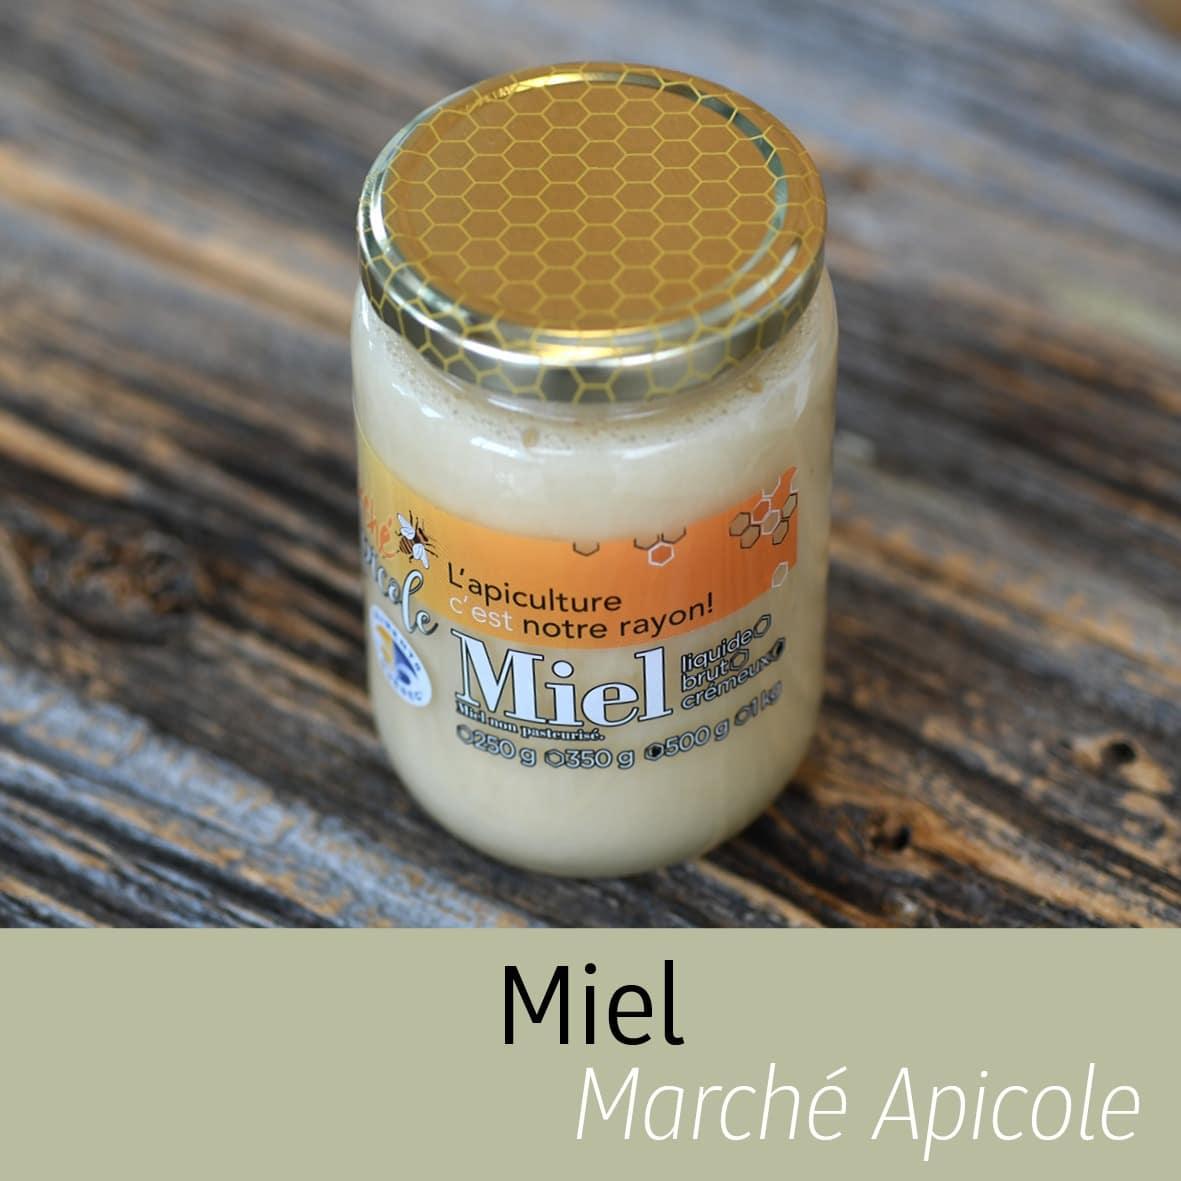 Miel Marché apicole